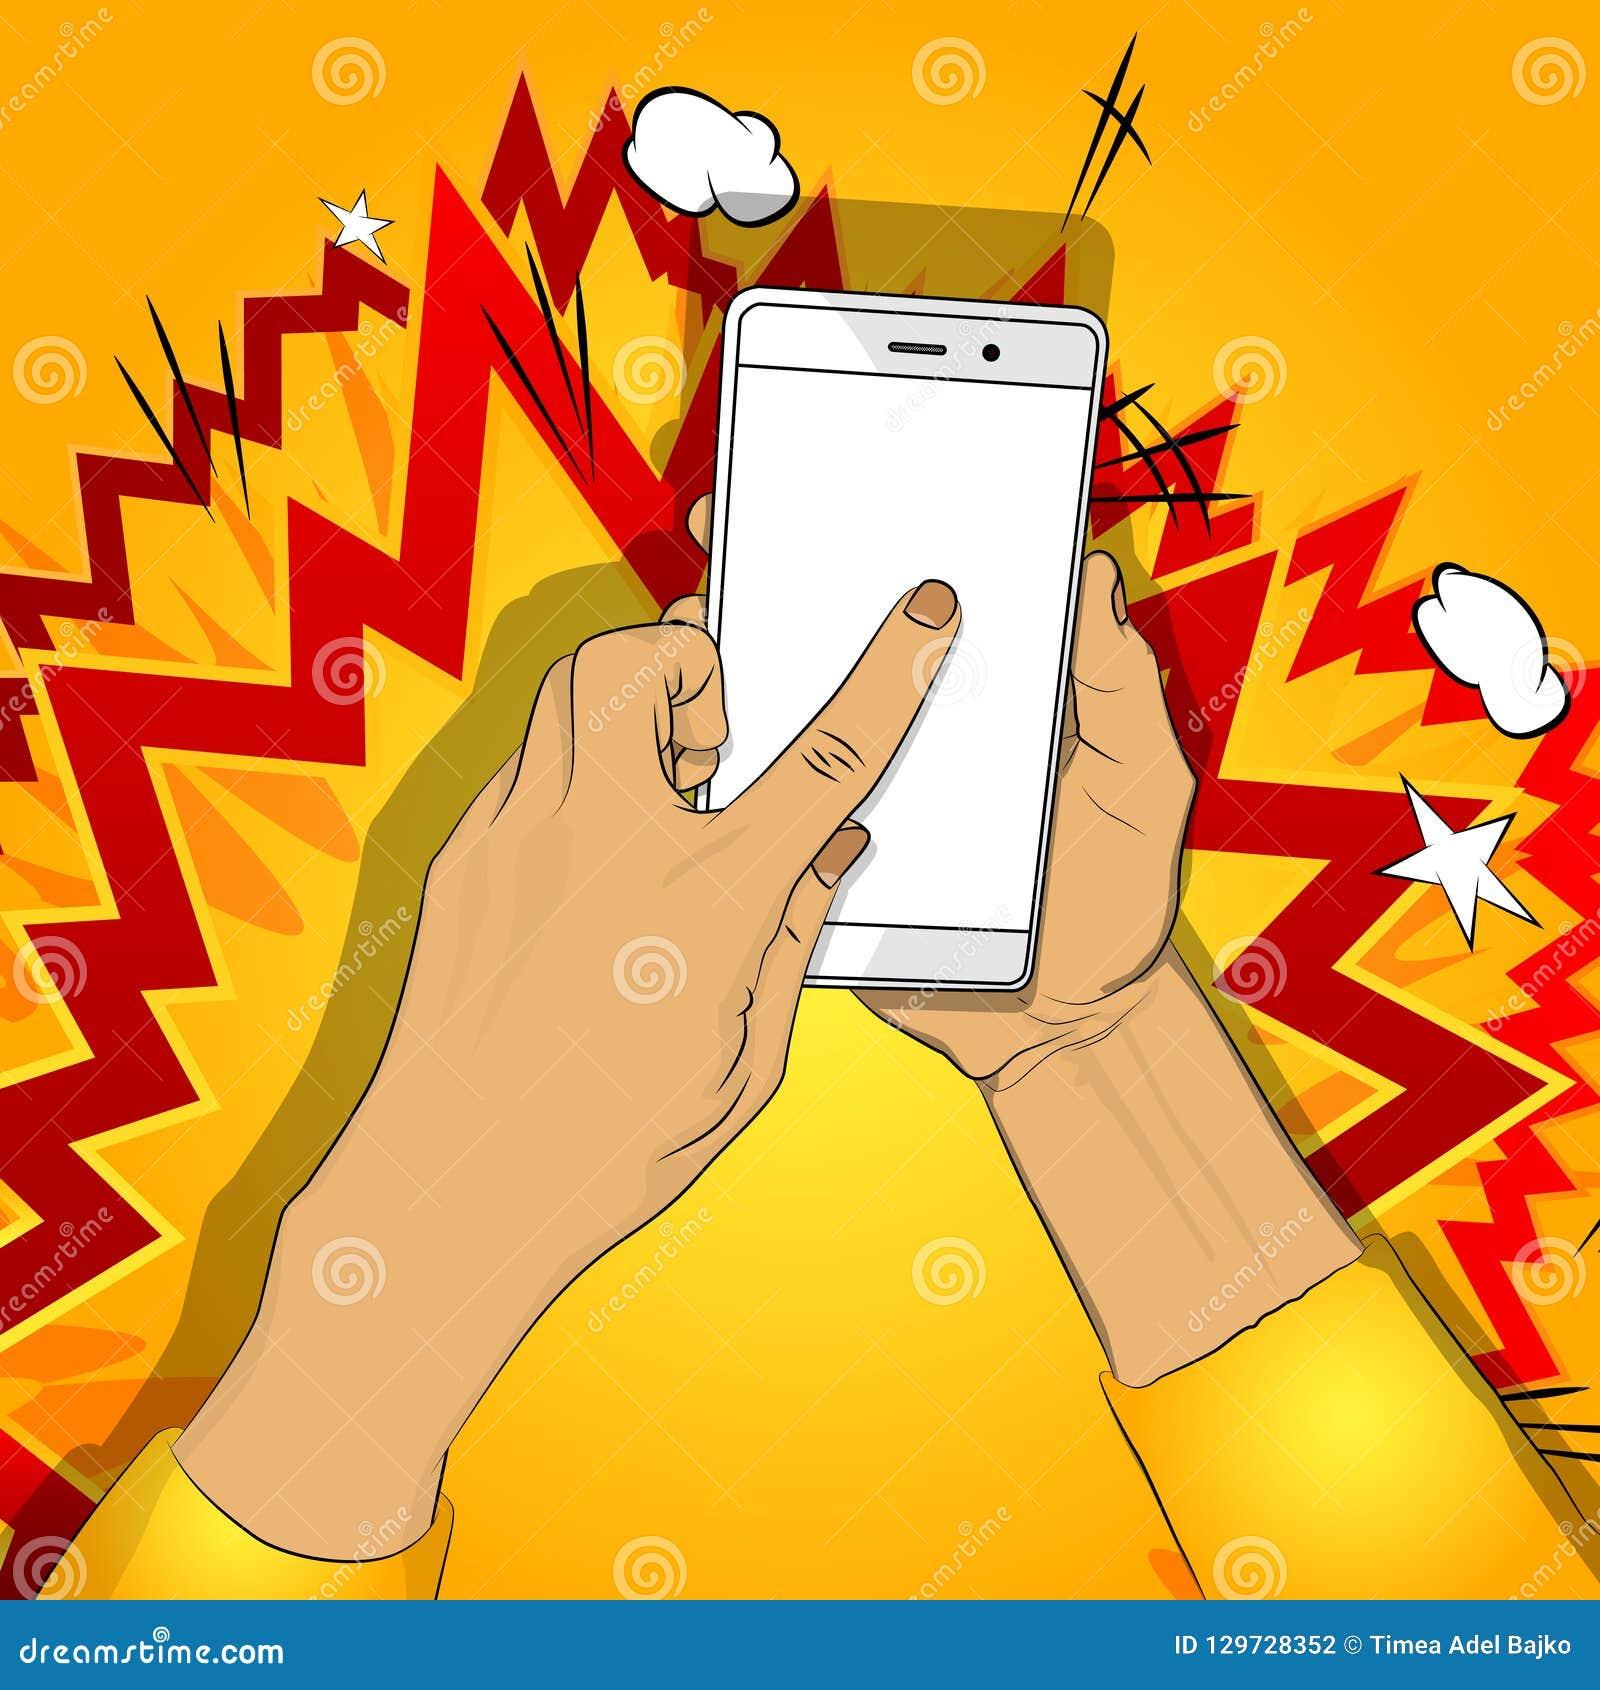 手拿着有白色屏幕的智能手机,并且手指接触显示